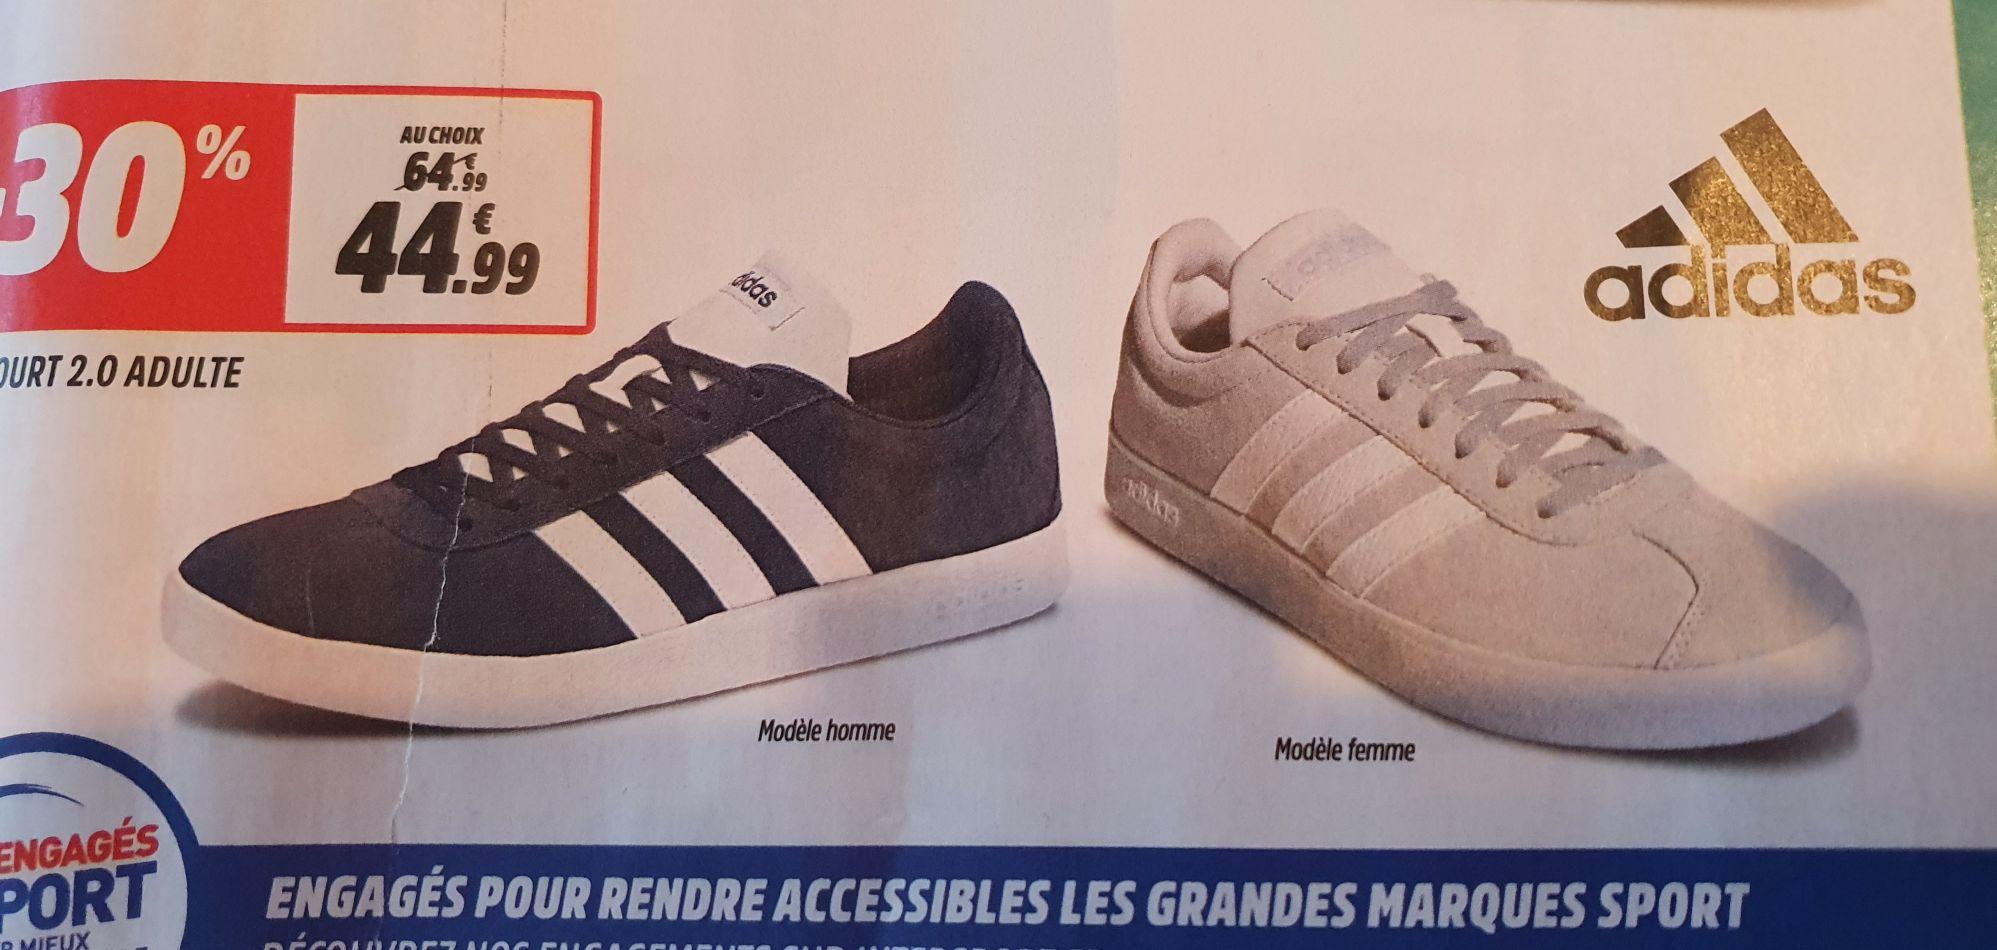 Paire de chaussures adidas Vl Court 2.0 pour Femme - Tailles 36 à 42